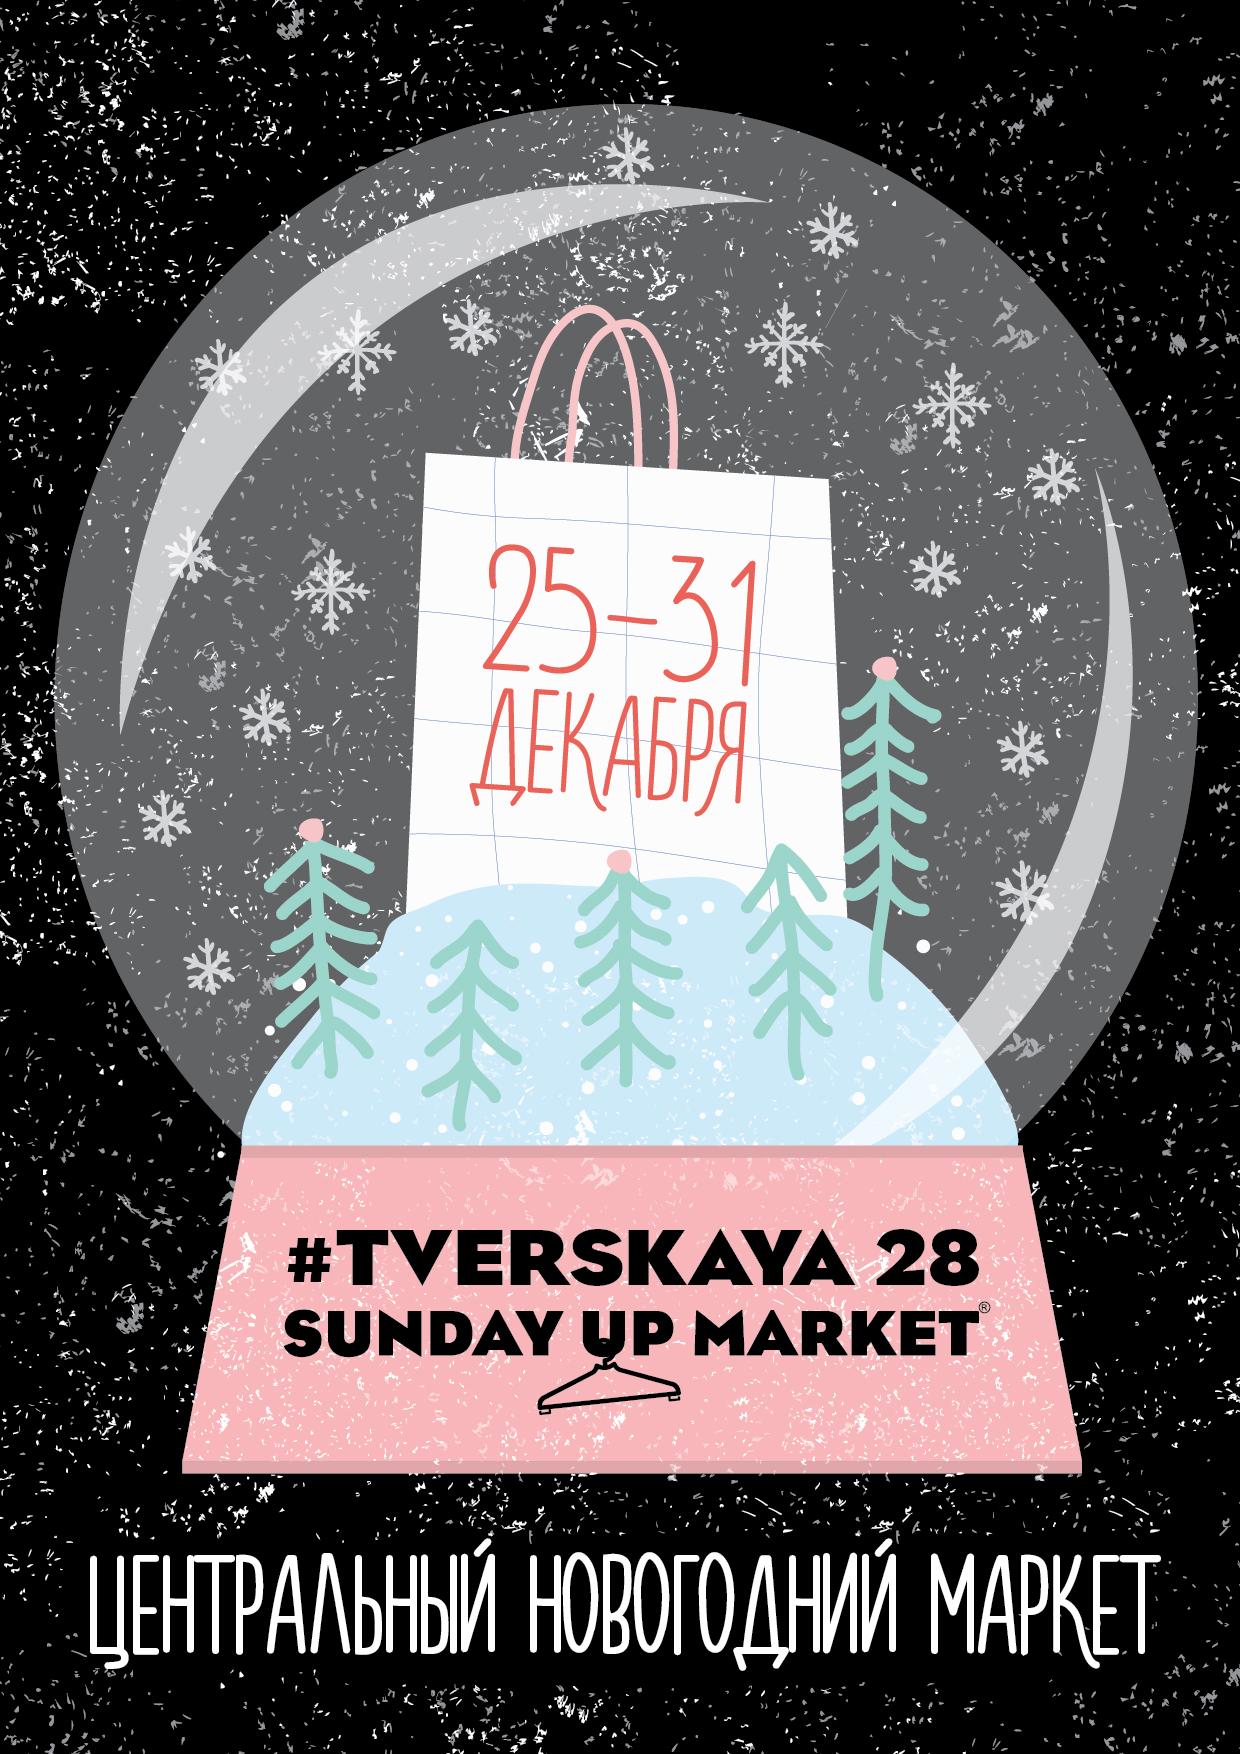 В новом пространстве #Tverskaya28  открывается Центральный новогодний маркет Москвы